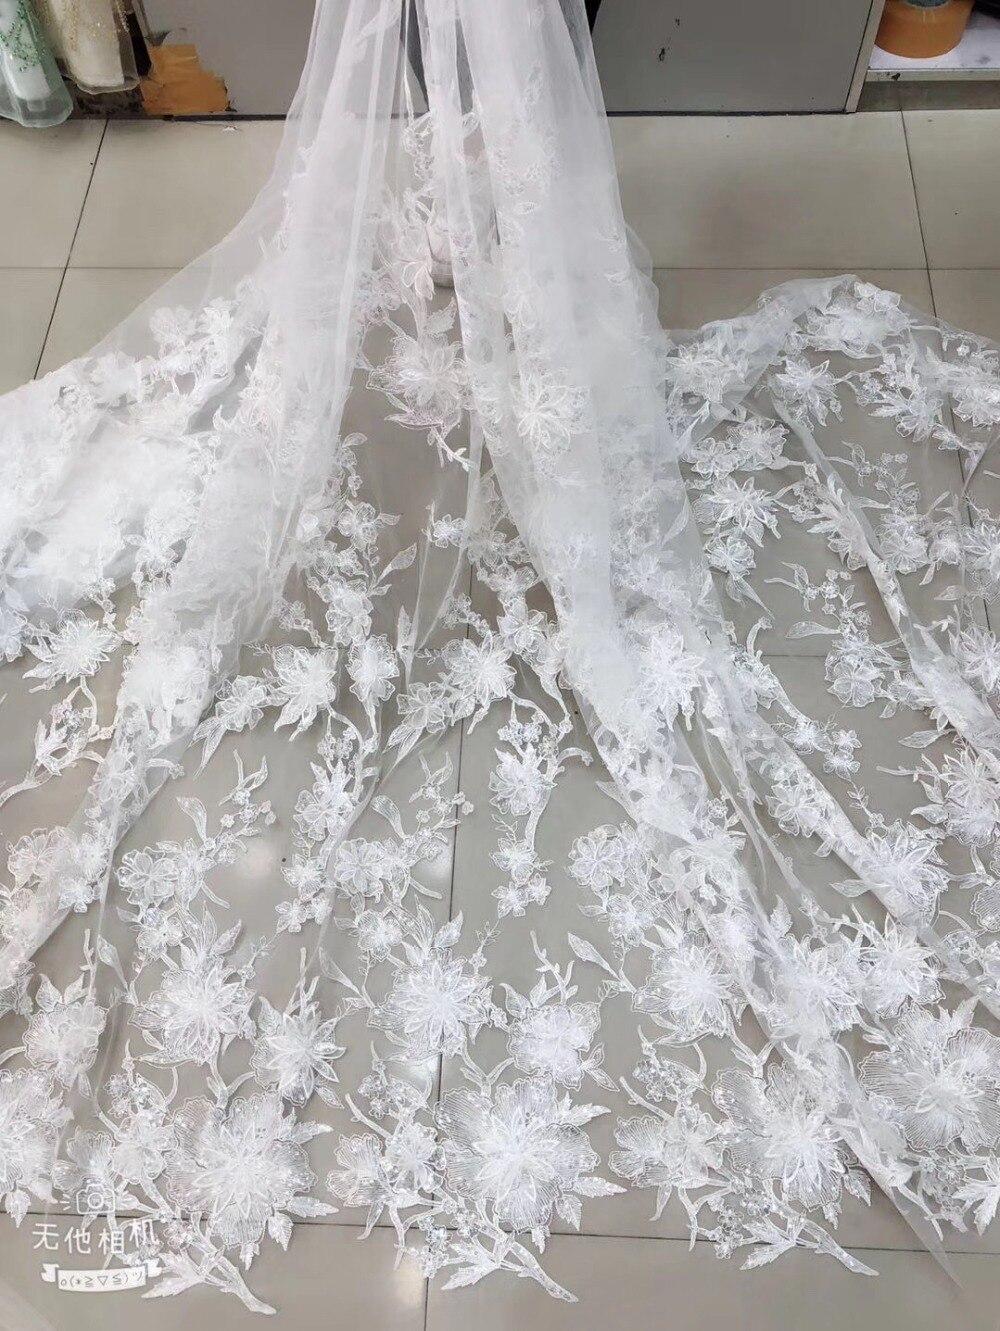 Tissu à paillettes blanc cassé avec fleurs, dentelle brodée lourde 3d fleurs mariage en dentelle française, mariée délicate haut de gamme 5 mètres